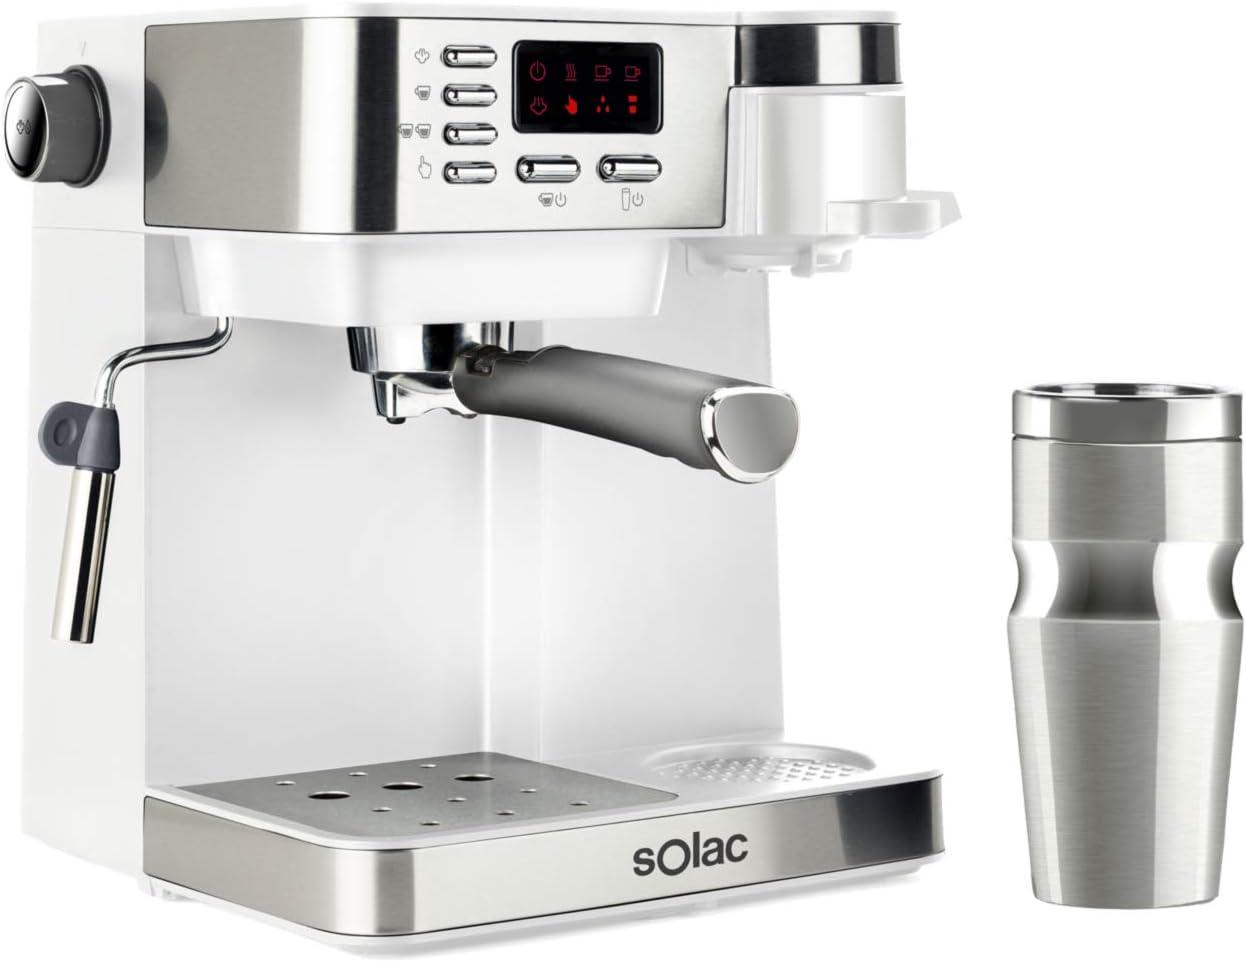 Solac CE4497 Multi Stillo 20 bar - Cafetera combinada multifunción 3 en 1: cafetera espresso + cafetera goteo + capuccino. Termo Portátil 320ml Inox. Libre BPA. Extra Cream. Vaporizador. Blanco/Inox.